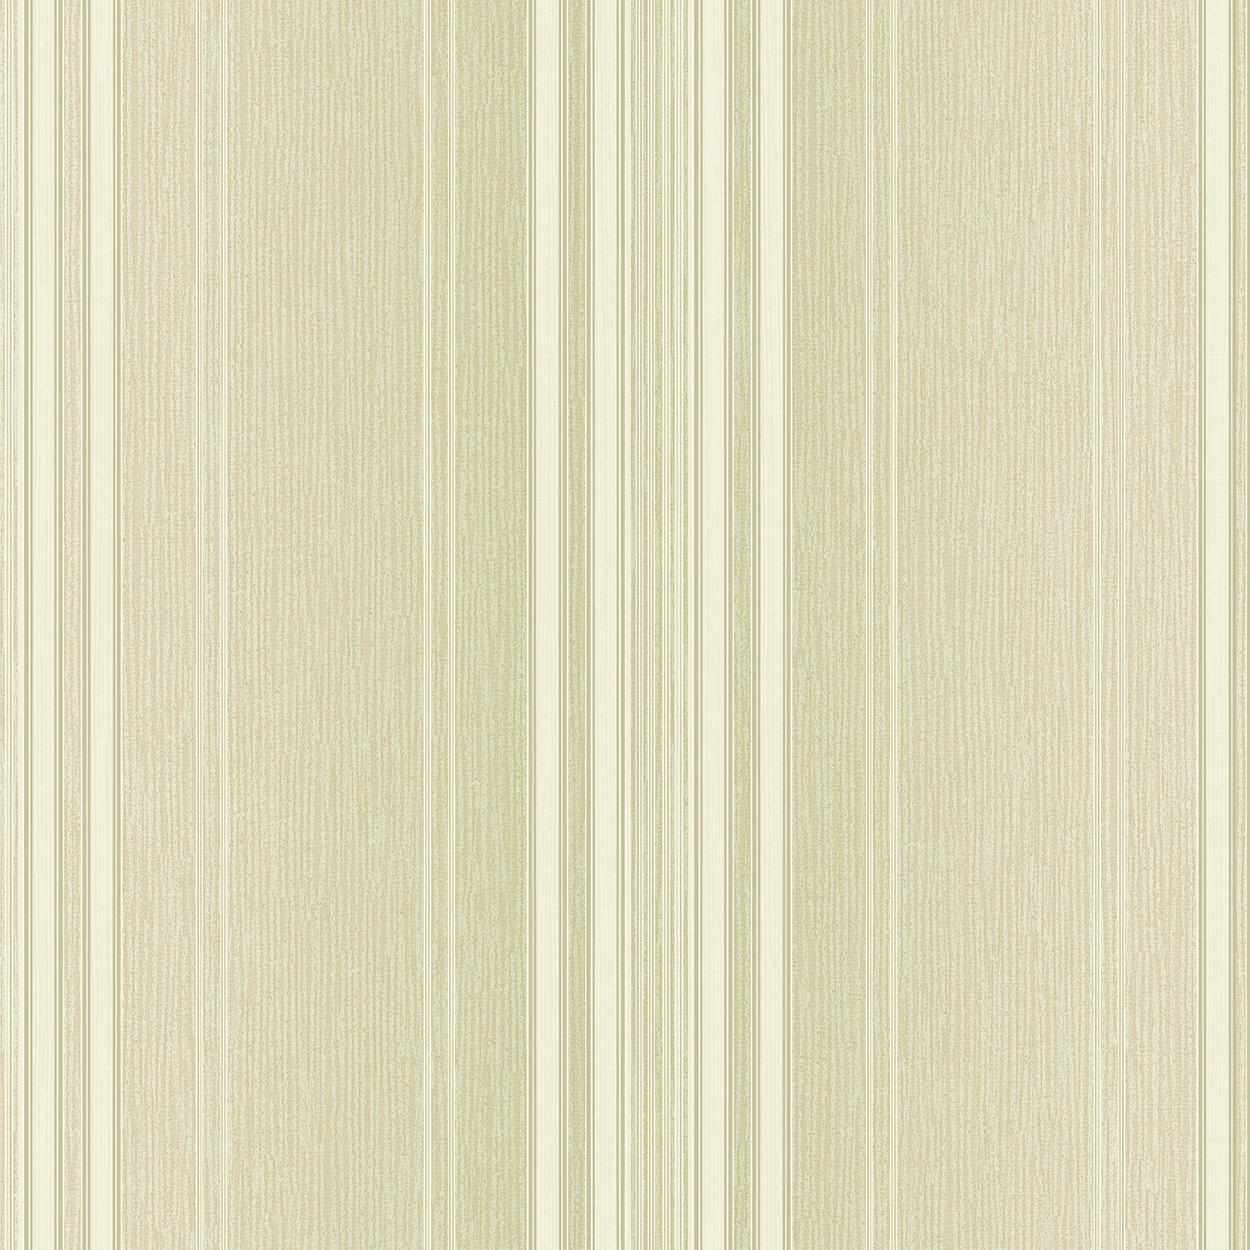 کاغذدیواری راه راه با رنگ ملایم از آلبوم لاکچری داماسک فولیو برند سیبروک آمریکا کد 30708